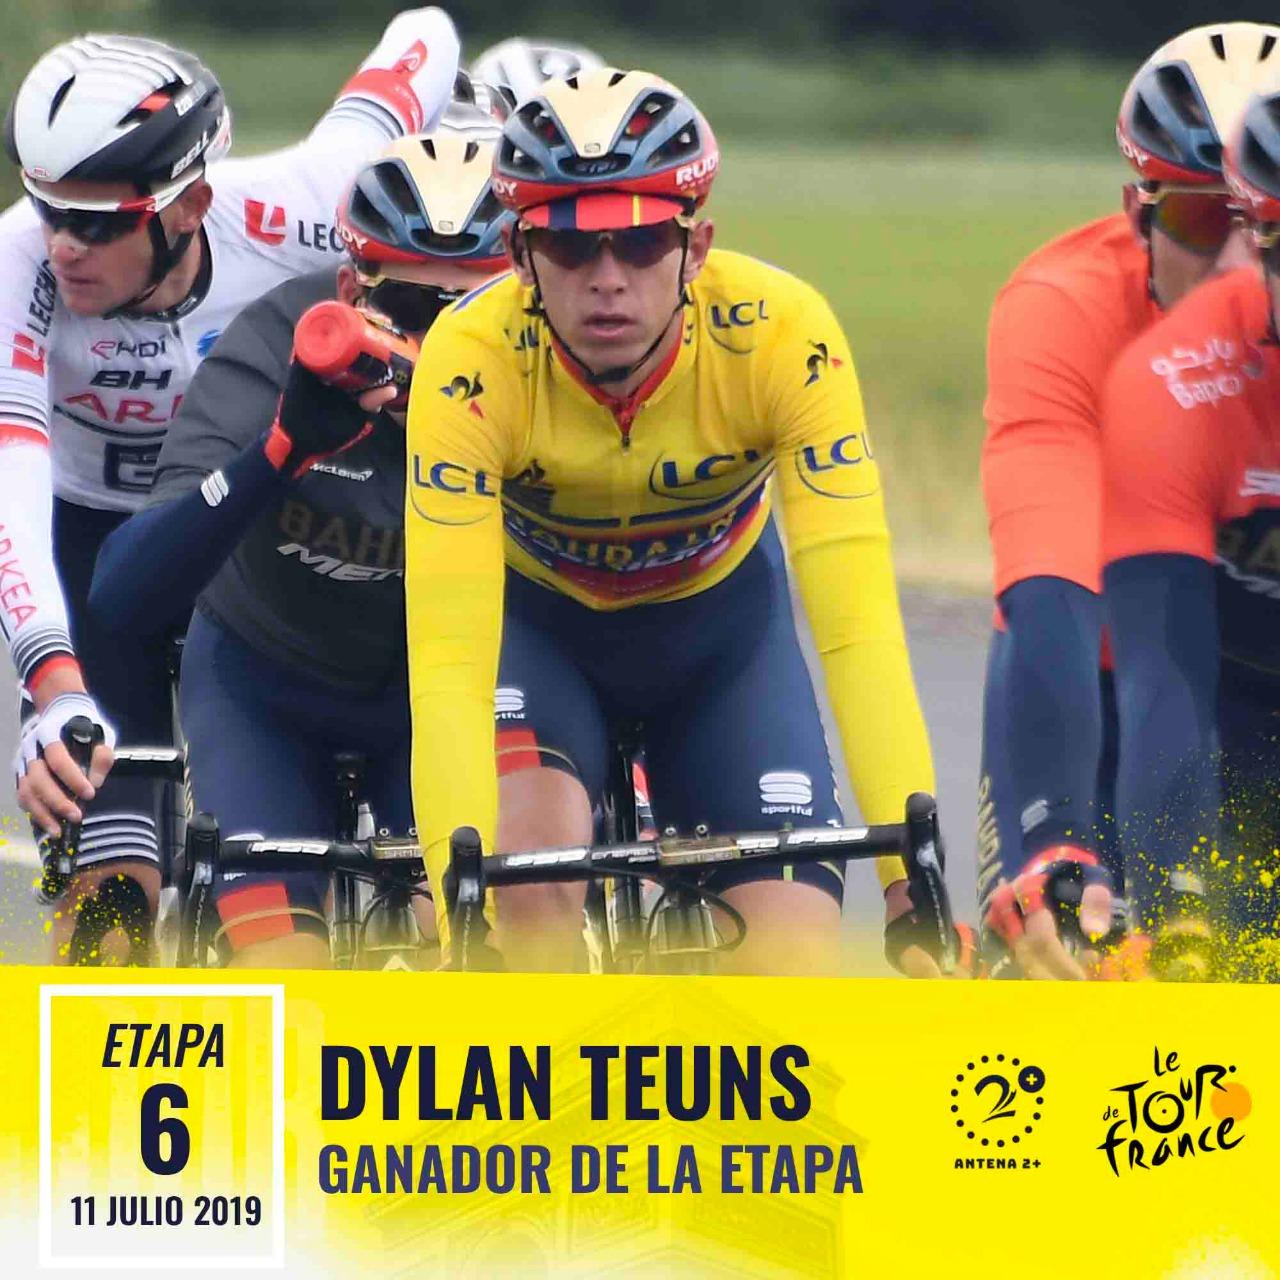 Dylan Teuns, ganador de la sexta etapa del Tour de Francia